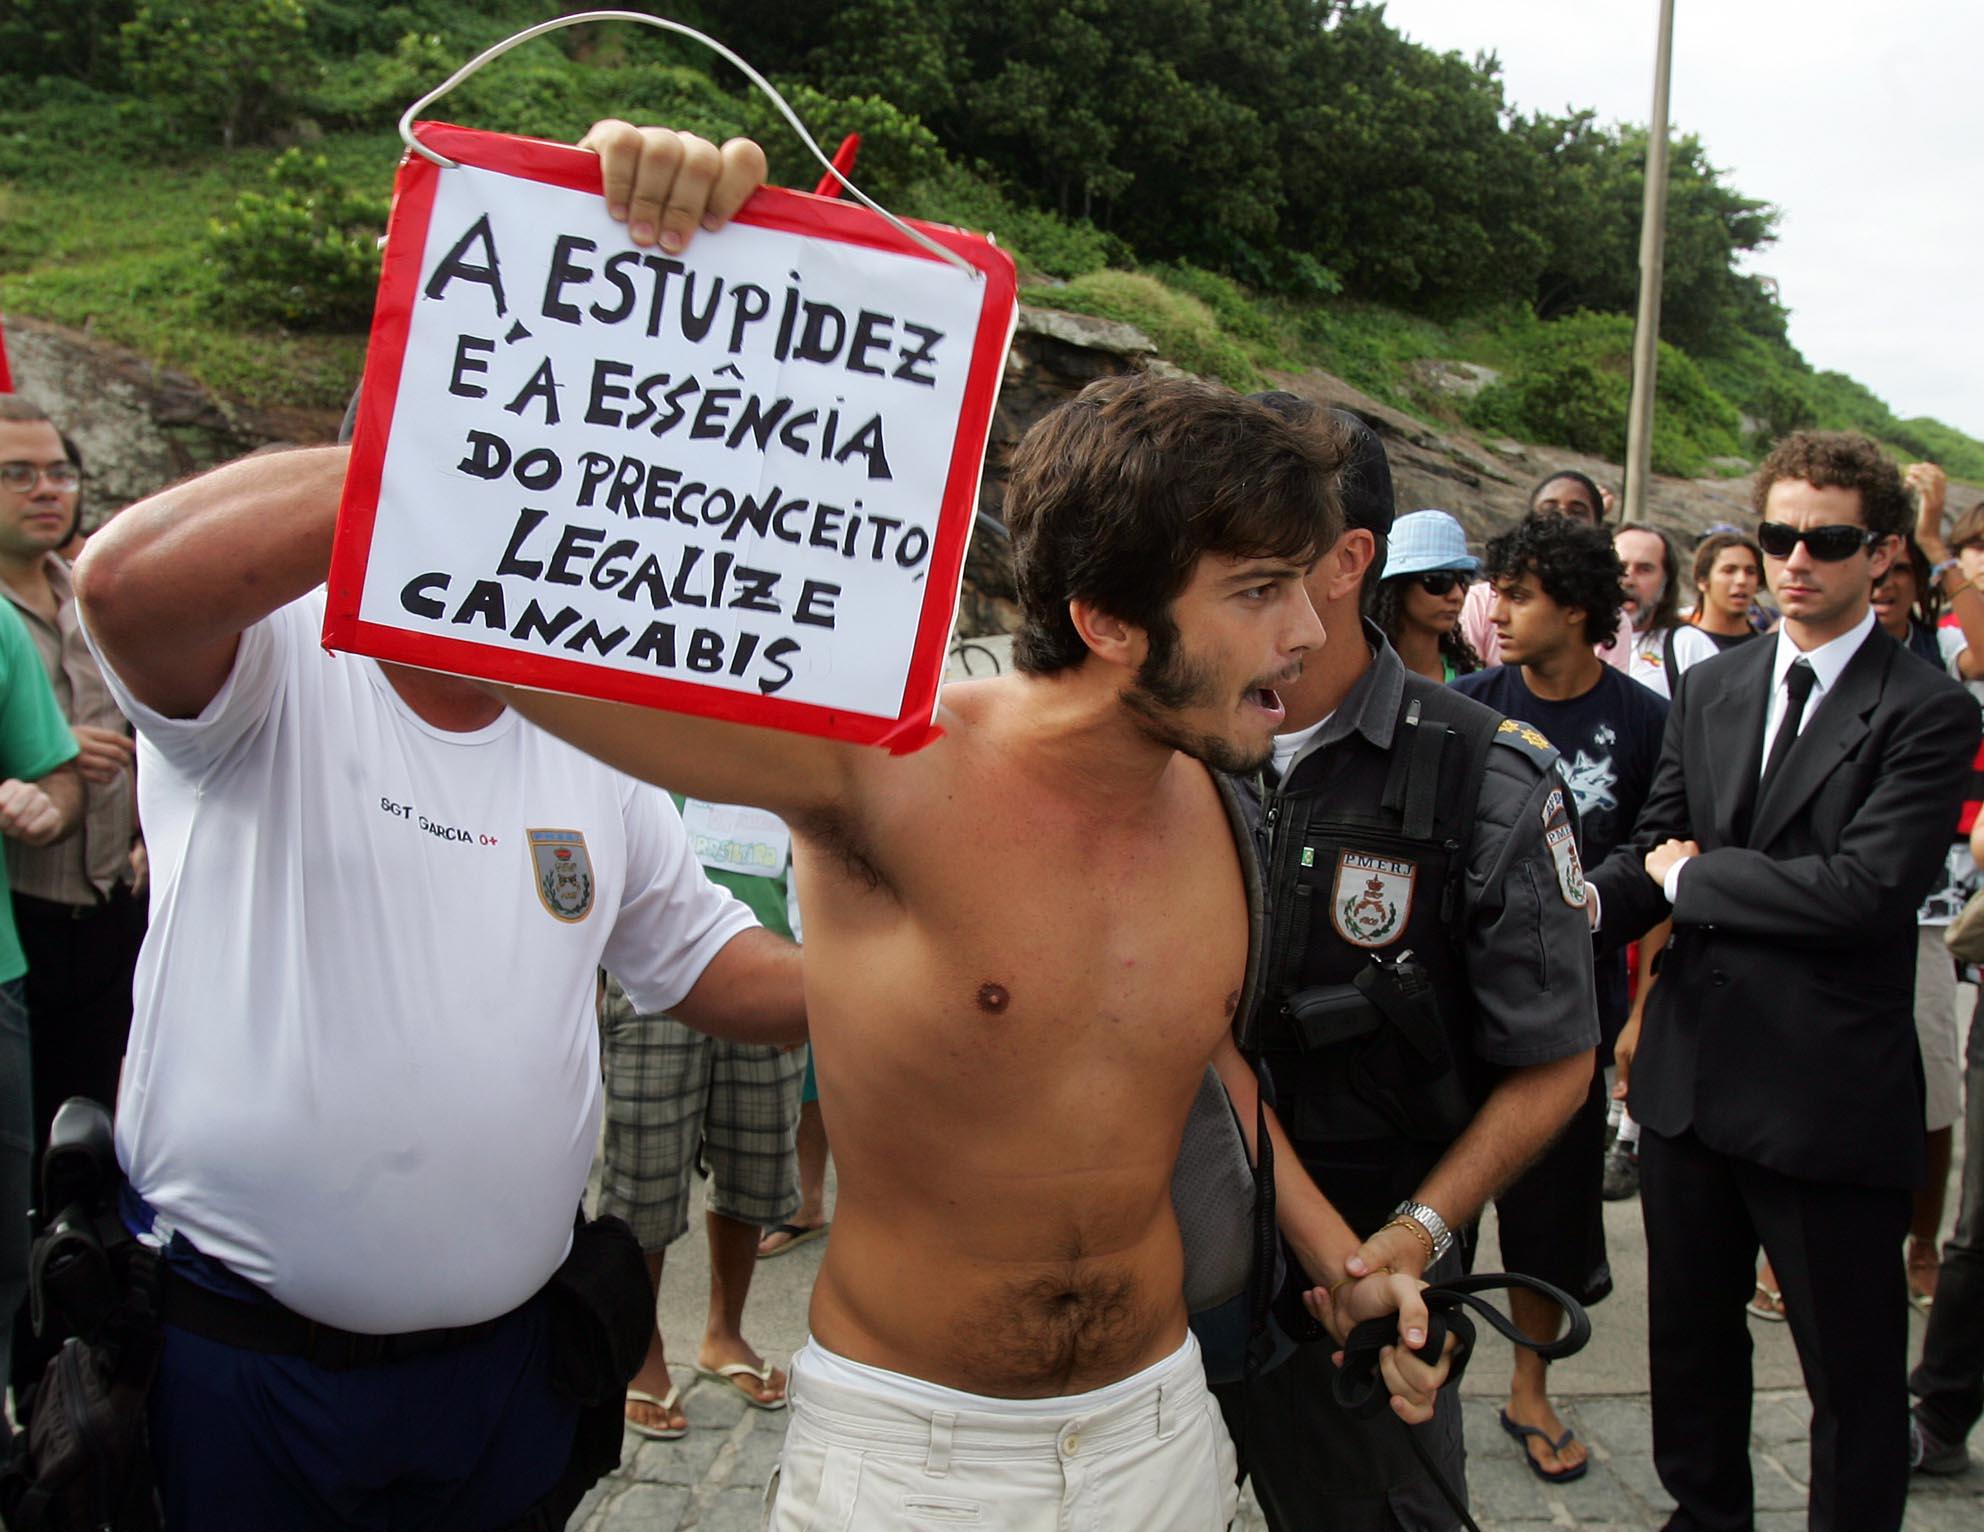 Legalize. - Gustavo Castro Alves foi detido (04/05/2008) por policiais militares na Praia do Arpoador (RJ) por apologia as drogas durante a Marcha da Maconha, proibida pela Justiça do Rio. (Foto: Marcos D'Paula/ Agência Estado)